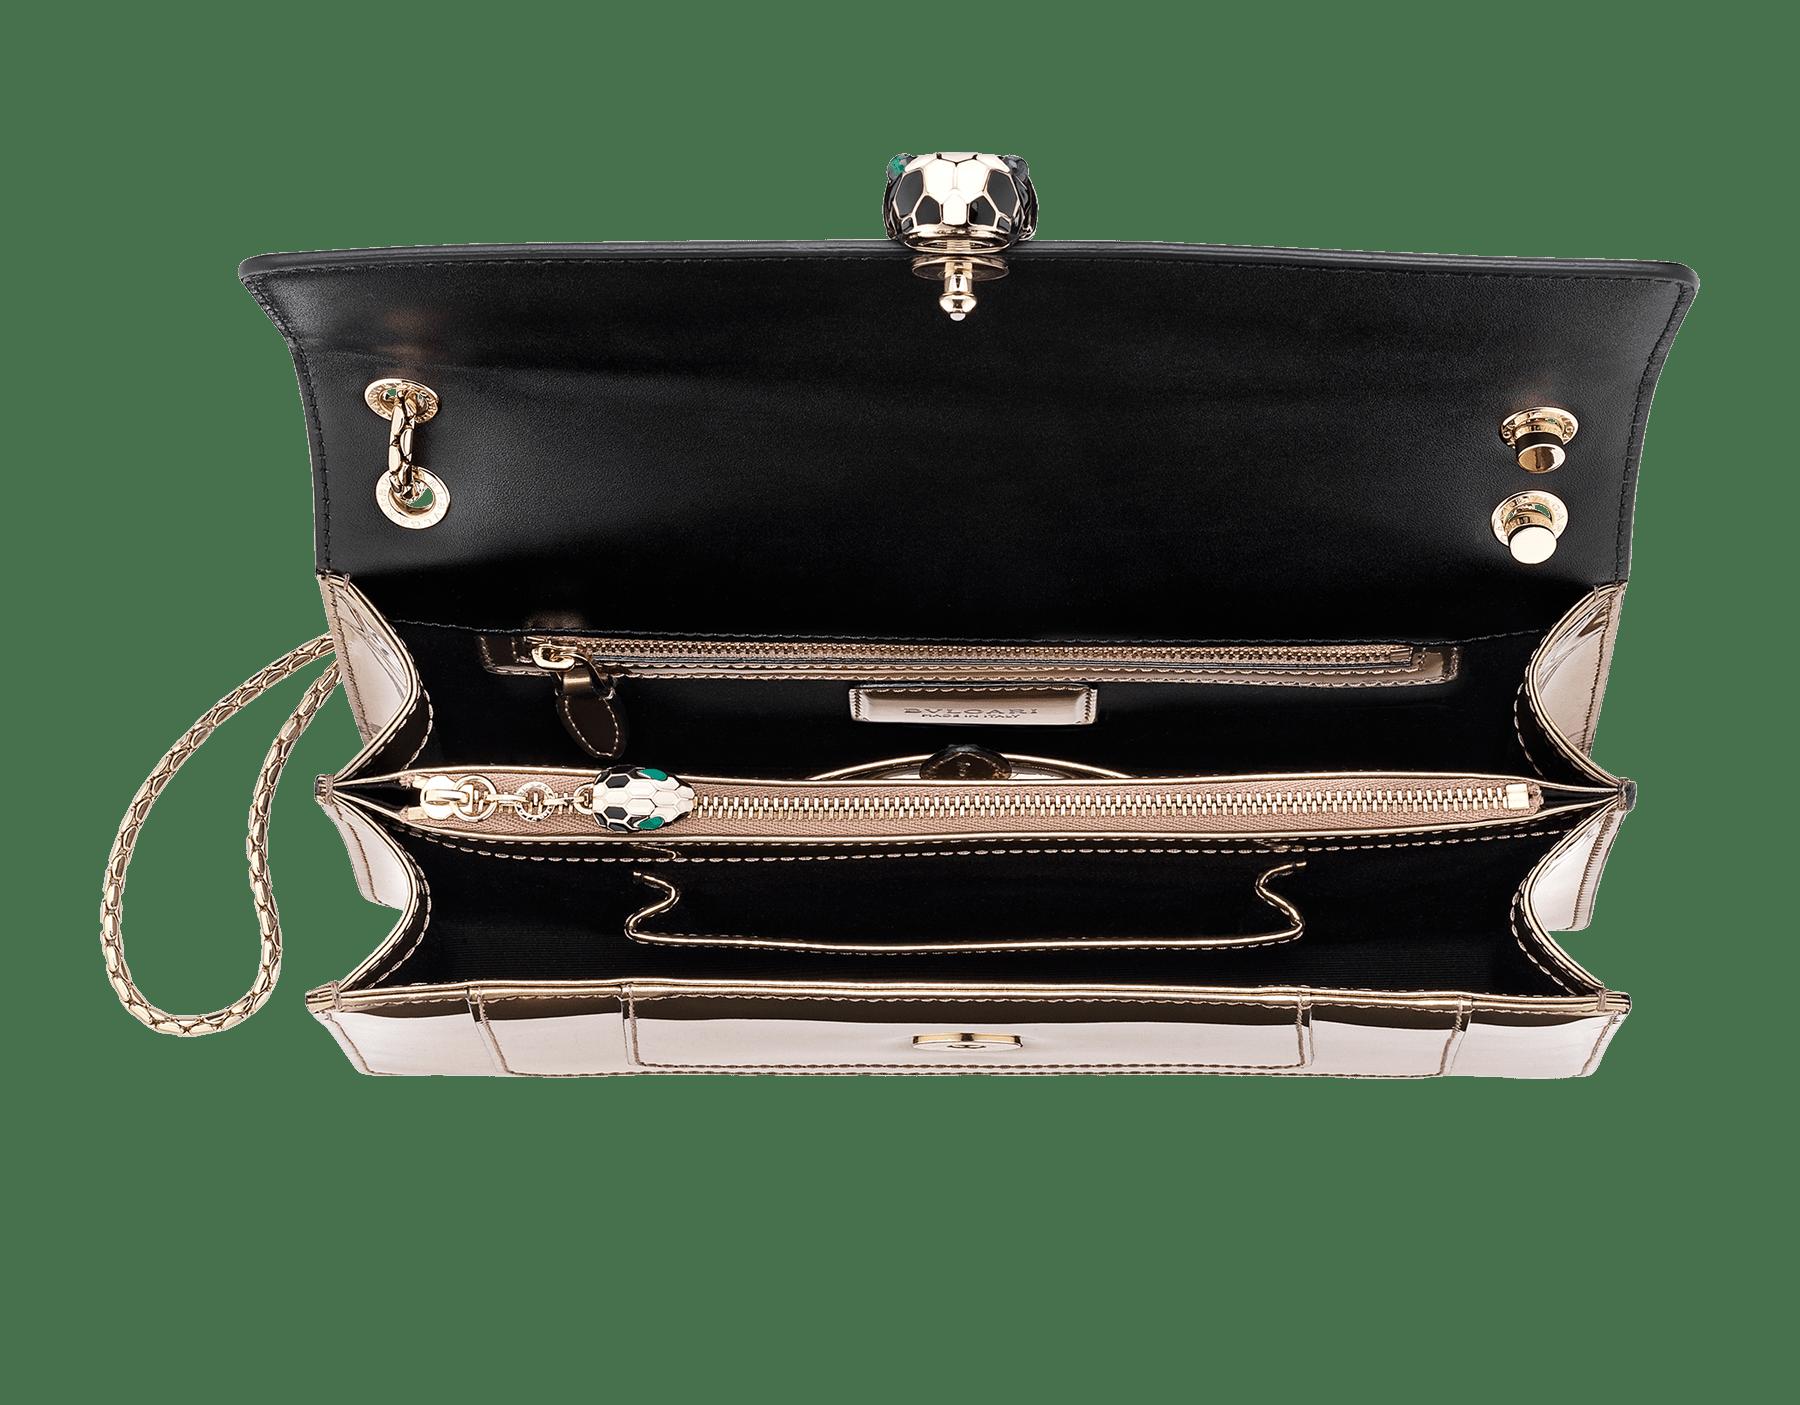 Sac à rabat Serpenti Forever en cuir de veau métallisé brossé bronze ancien avec fermoir Serpenti en laiton plaqué or pâle et émail noir et blanc avec yeux en malachite verte. 39794 image 4